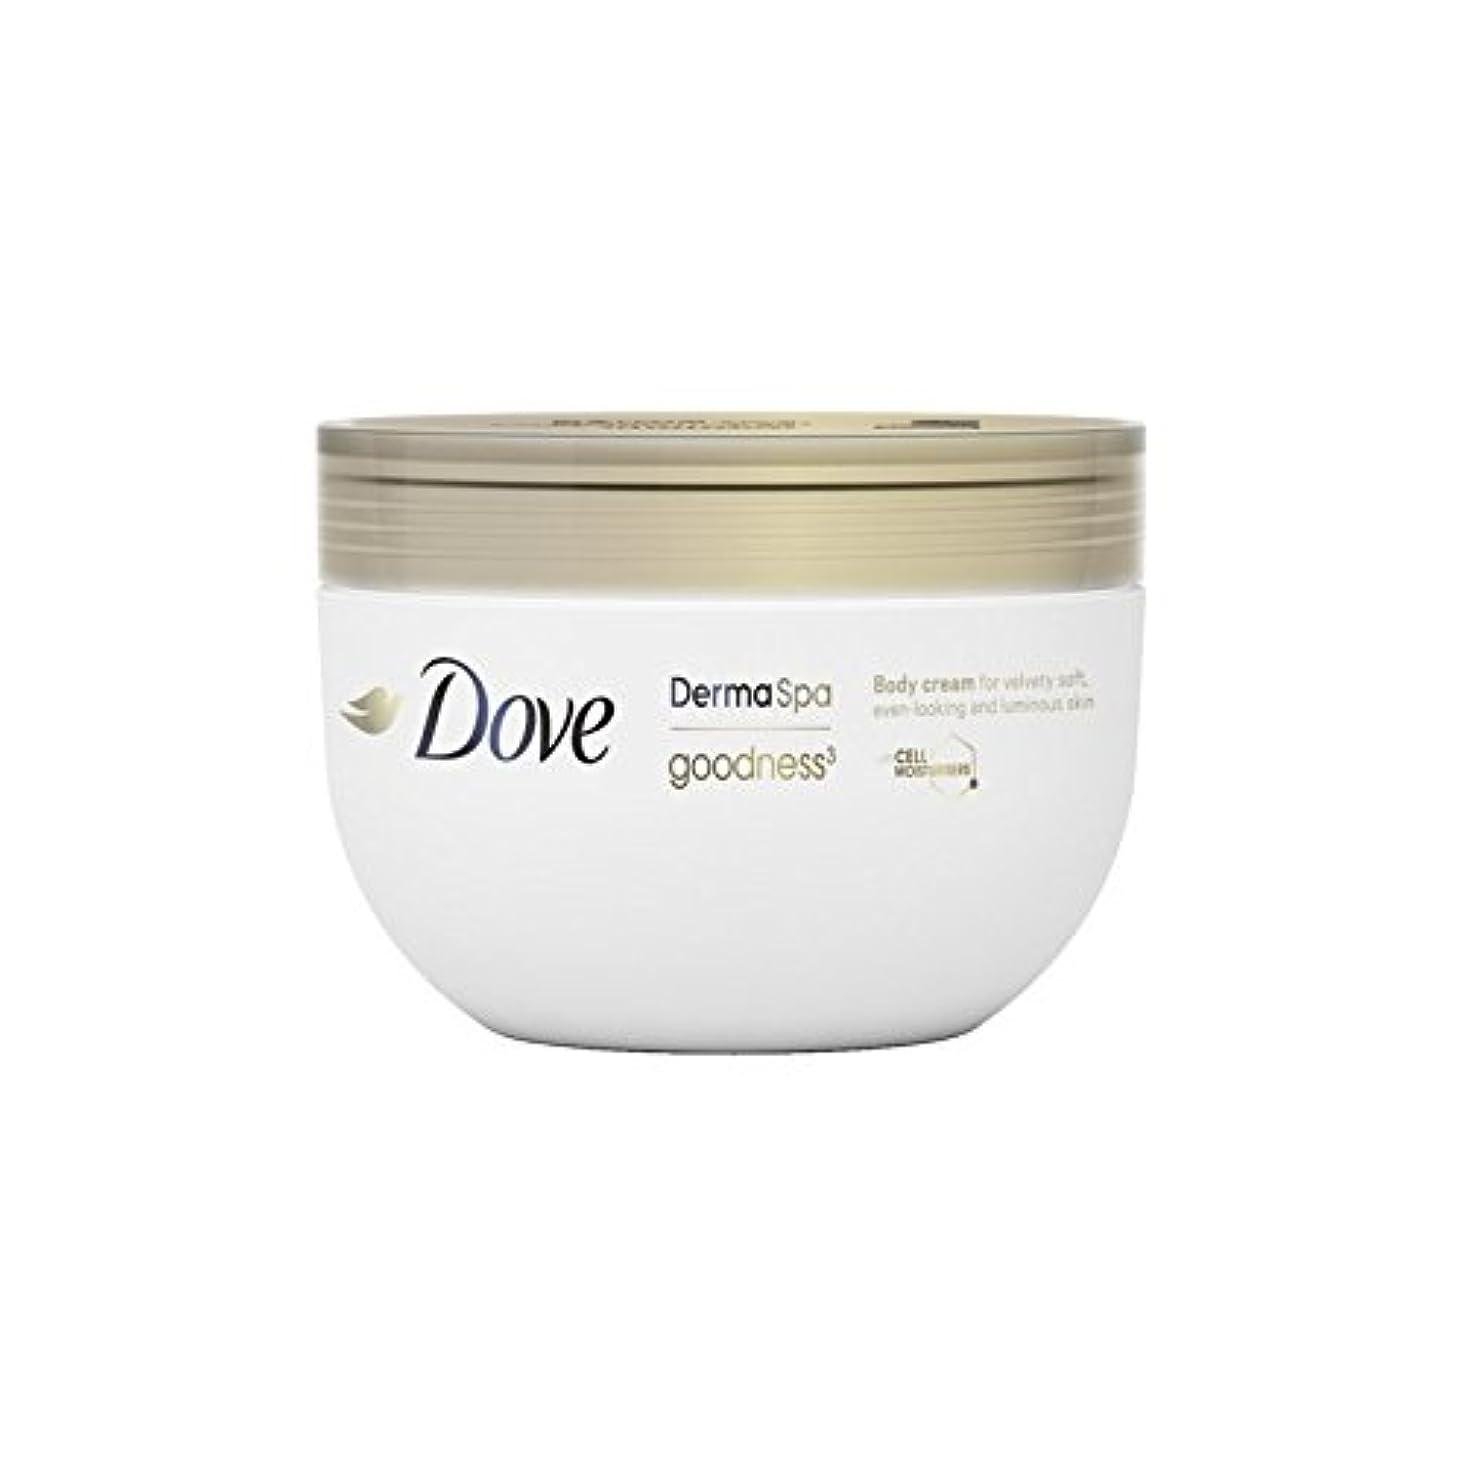 縮約表面取得鳩の3ボディクリーム(300ミリリットル) x4 - Dove DermaSpa Goodness3 Body Cream (300ml) (Pack of 4) [並行輸入品]